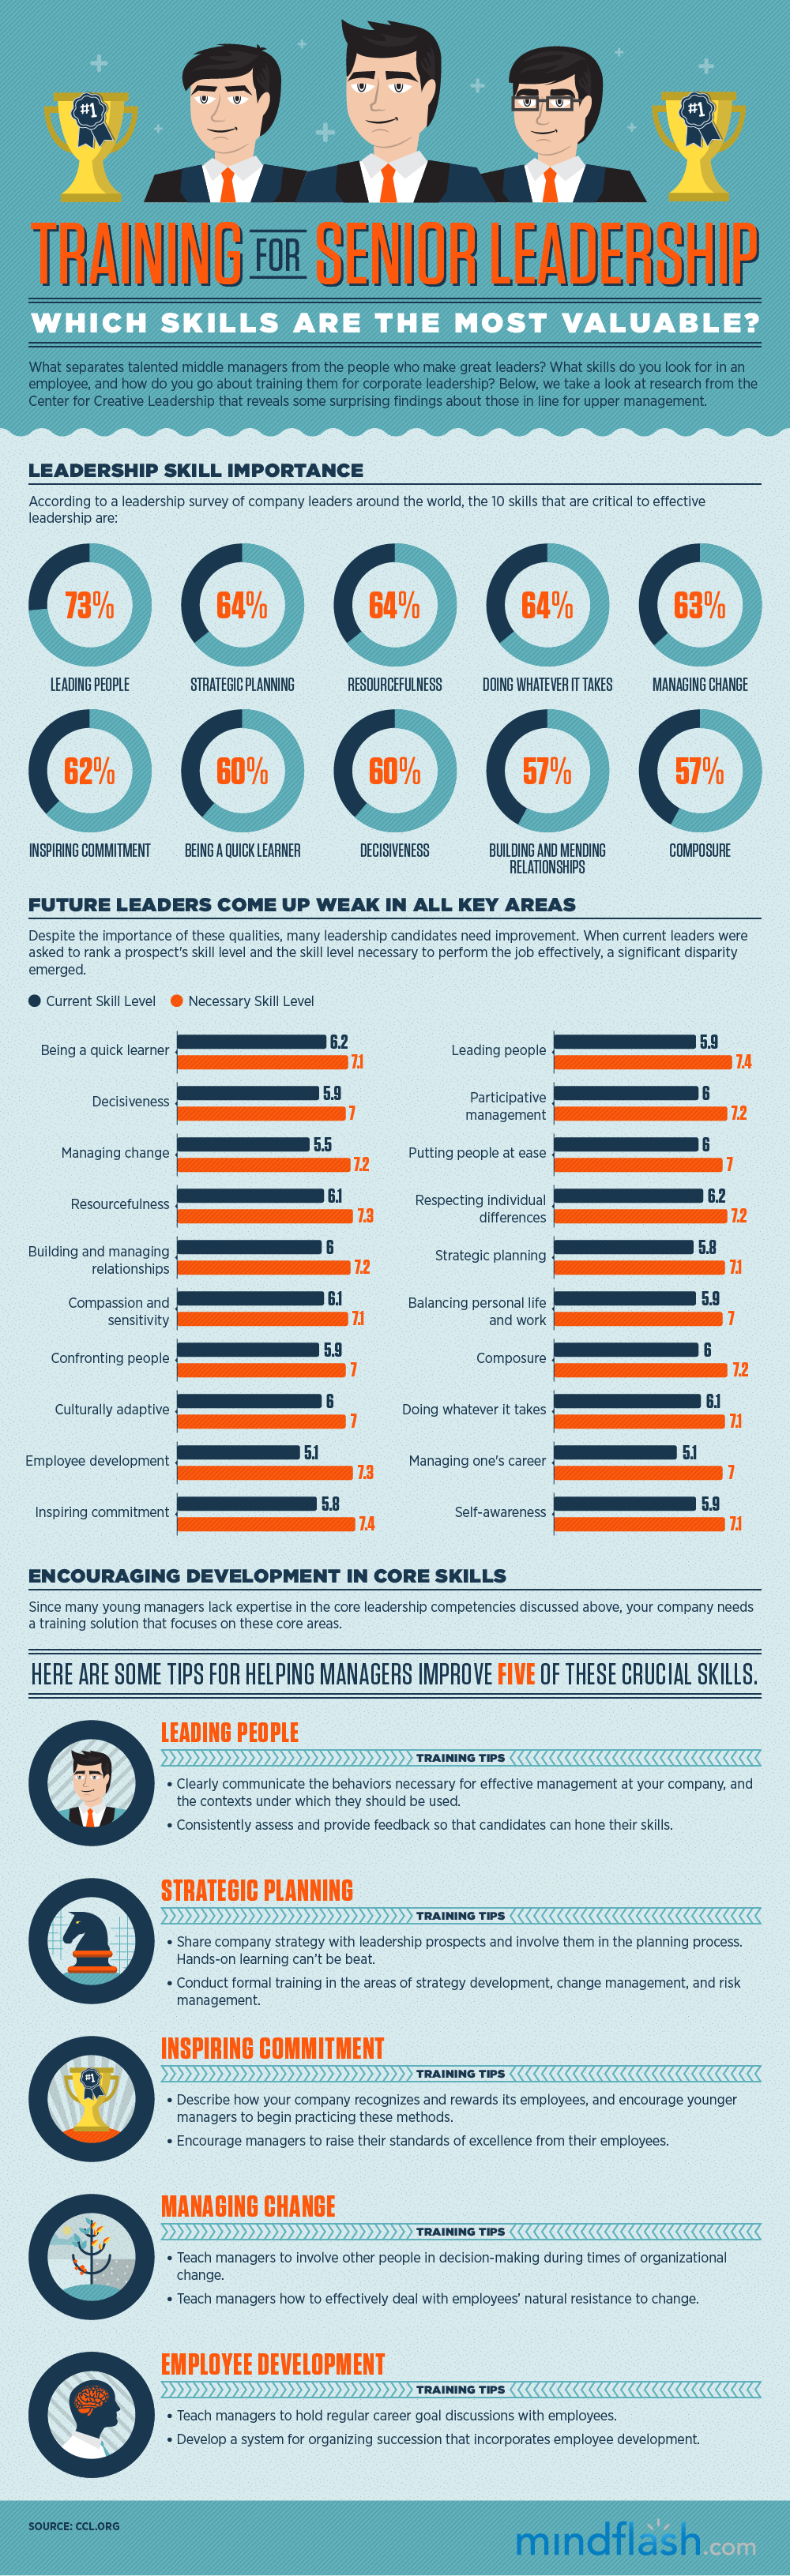 Manager et leadership : toujours les mêmes points de progrès… #infographie